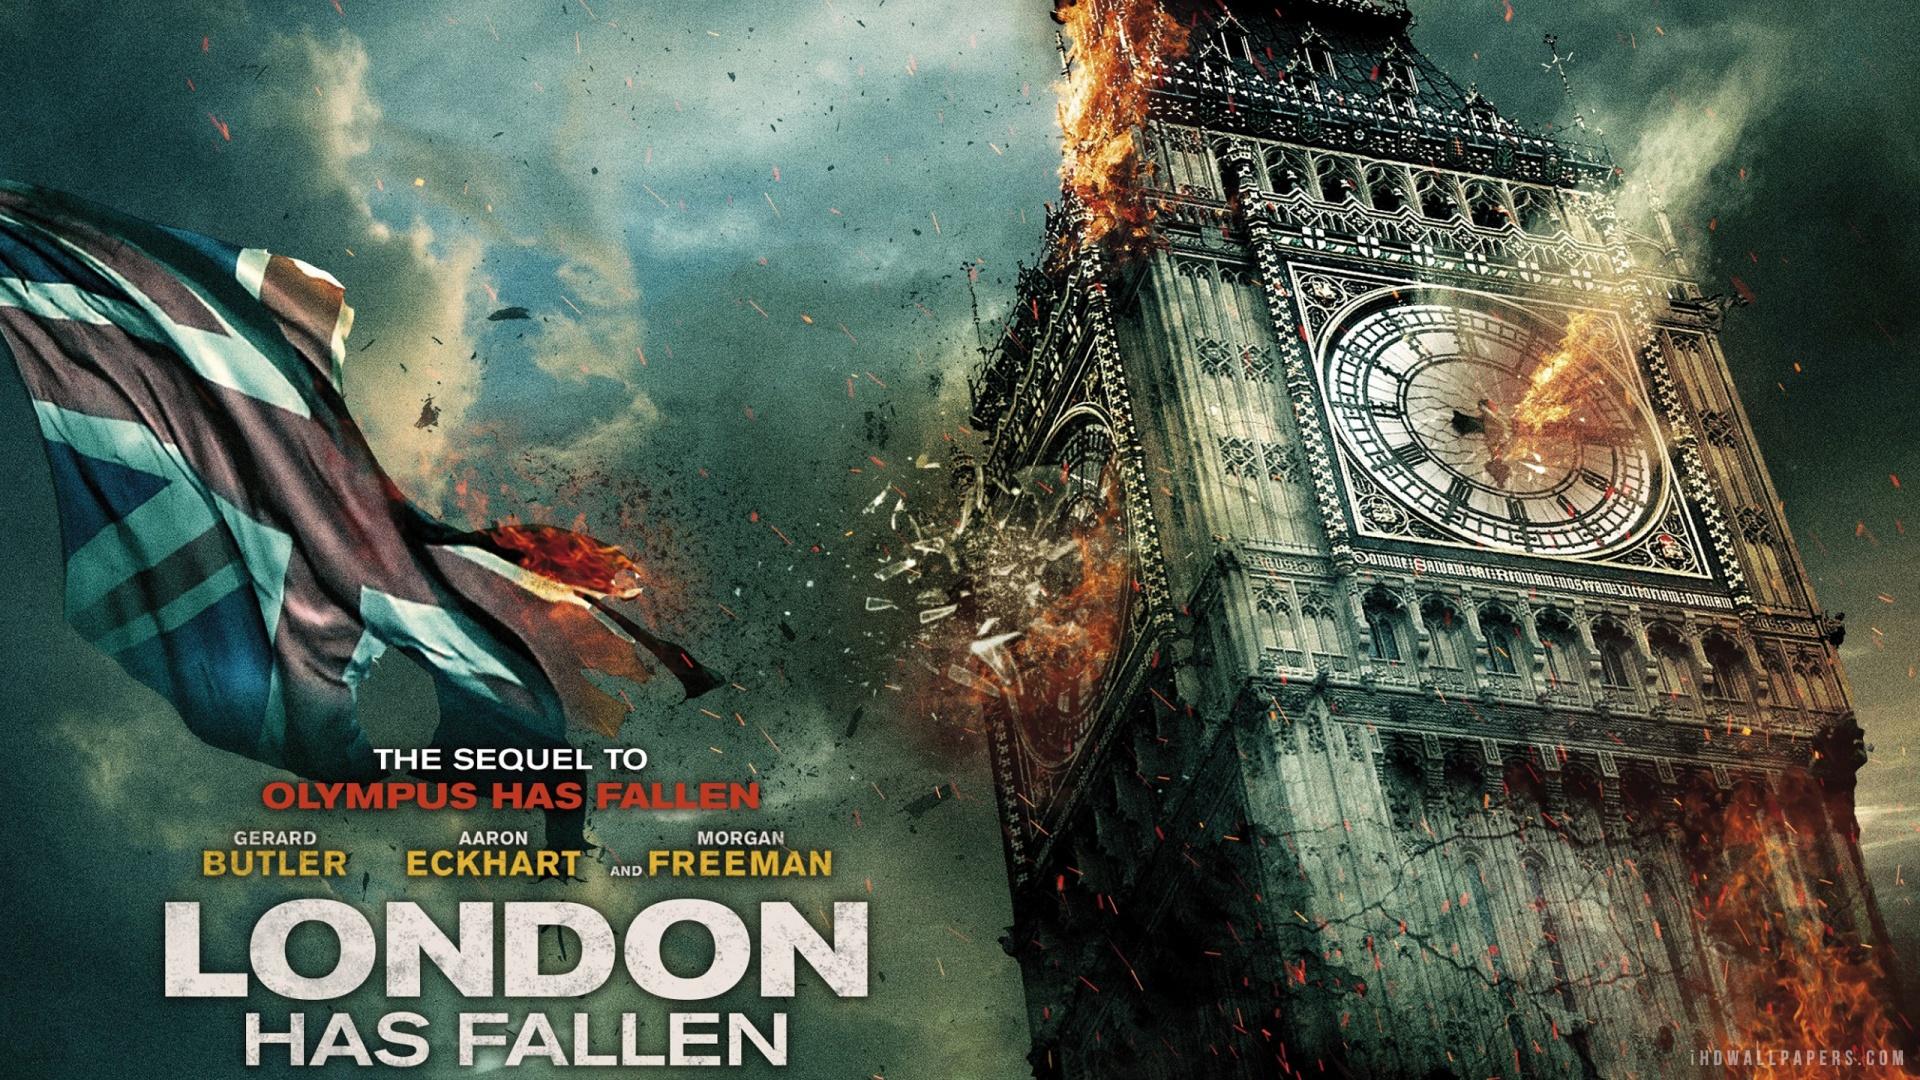 London Has Fallen Wallpaper 1920x1080